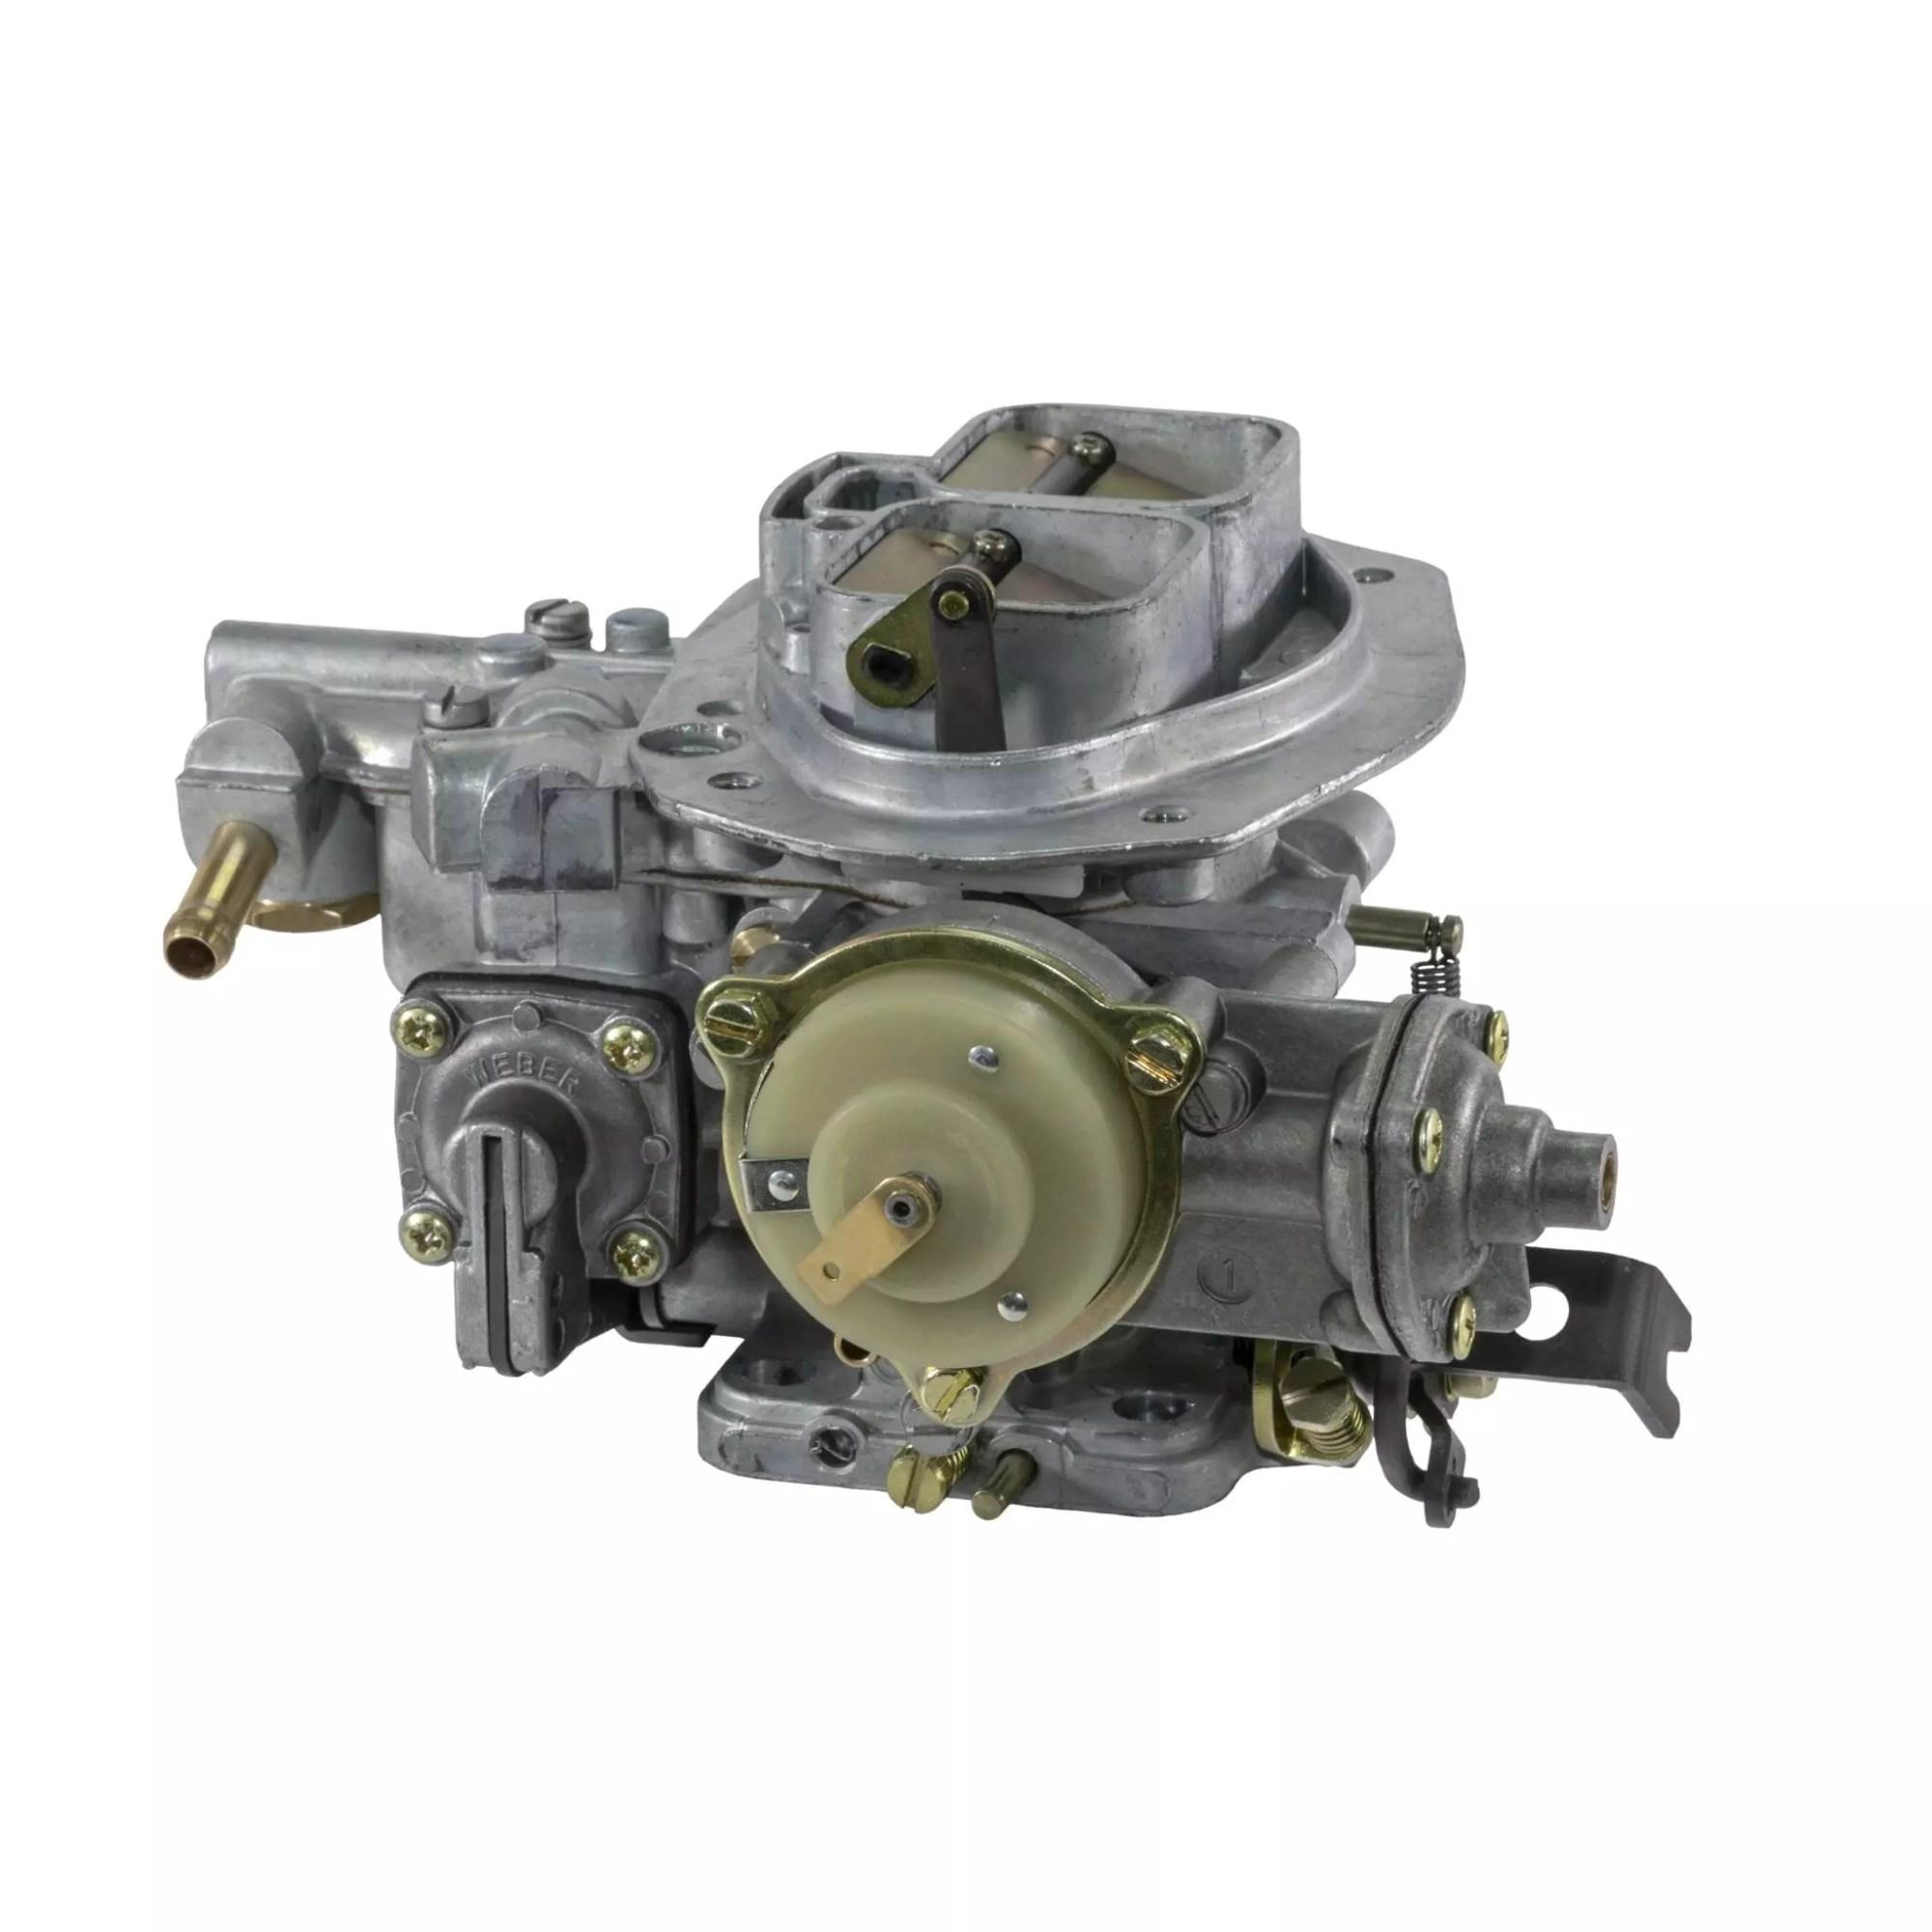 hight resolution of new weber dfev carburetor only